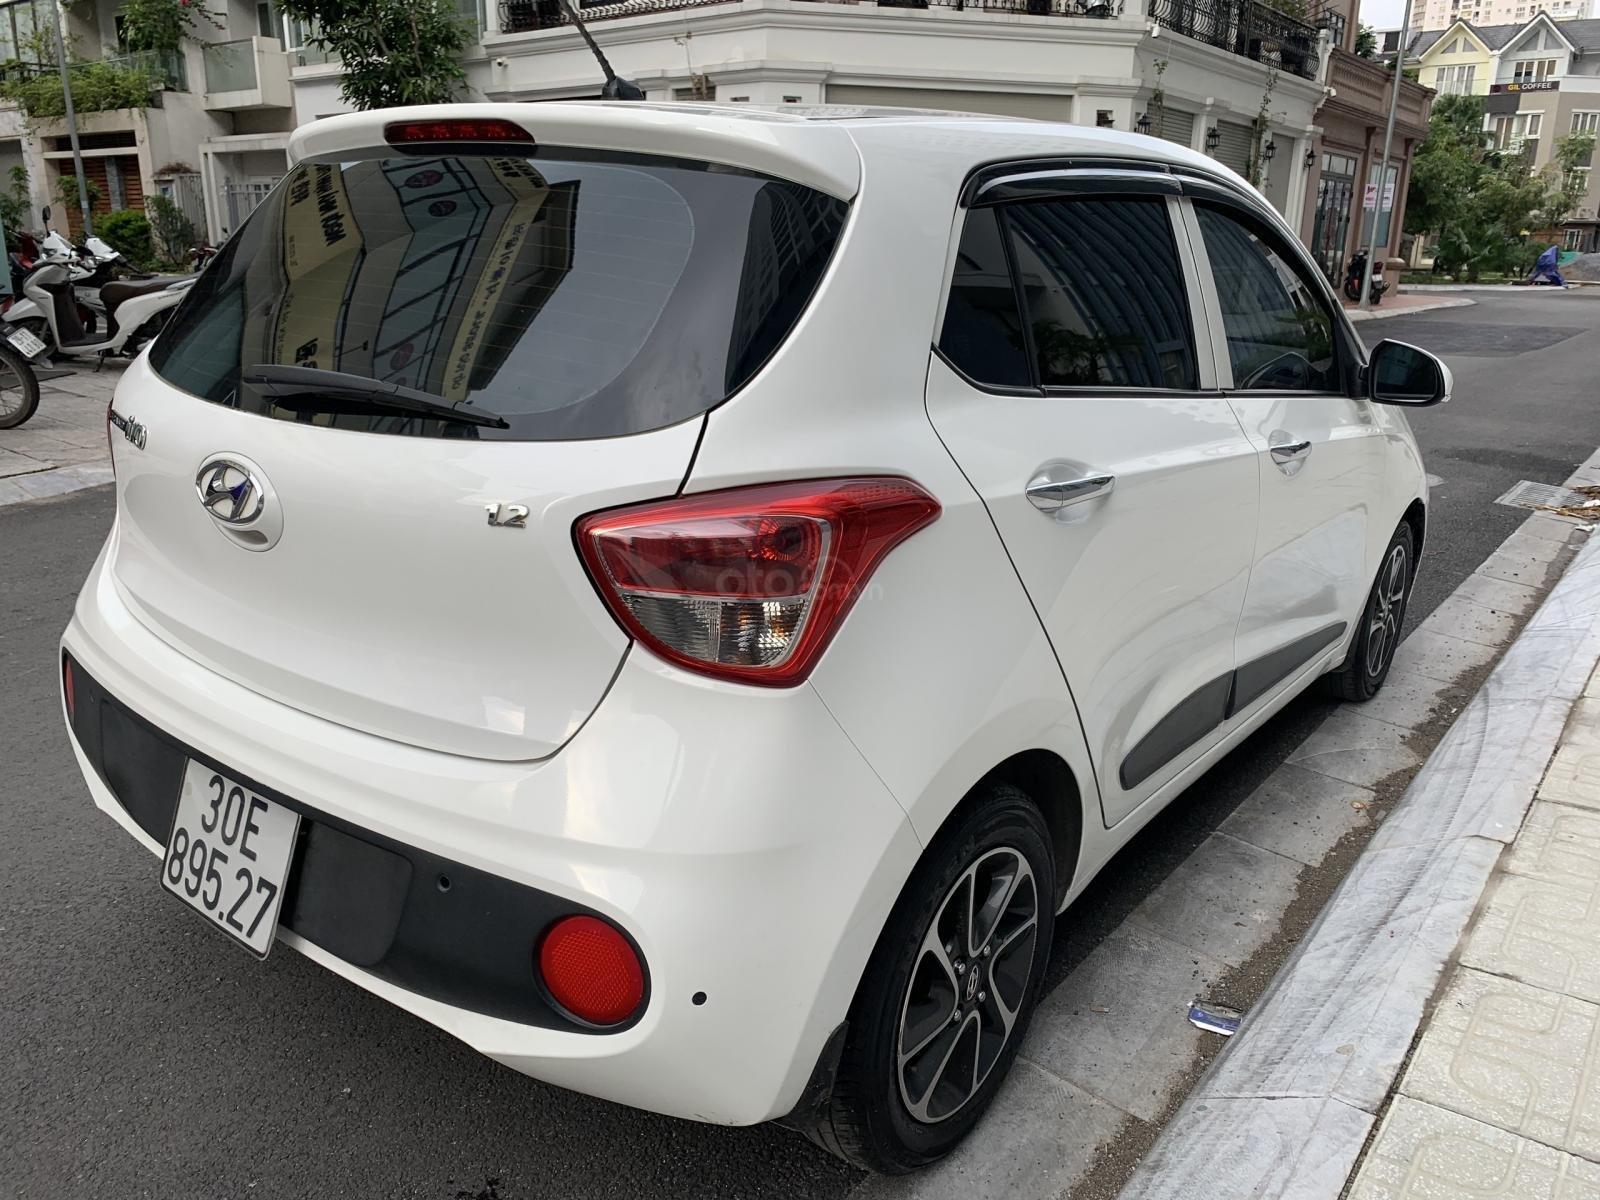 Cần bán xe Hyundai Grand i10 1.2AT Hatchback sản xuất 2017, màu trắng, nhập khẩu nguyên chiếc, 390tr (6)